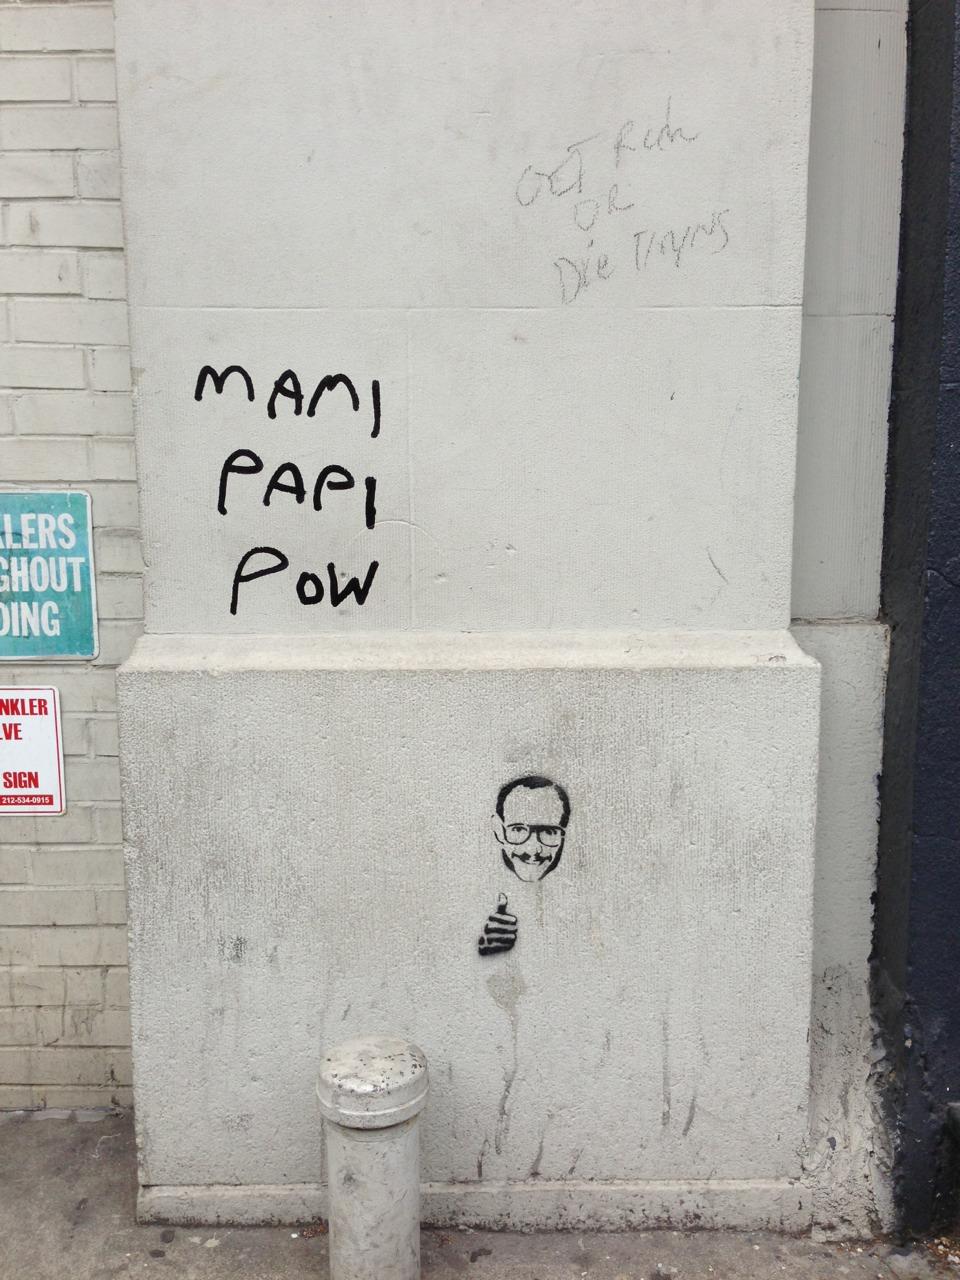 Terry Richardson graffiti? Really, NY?